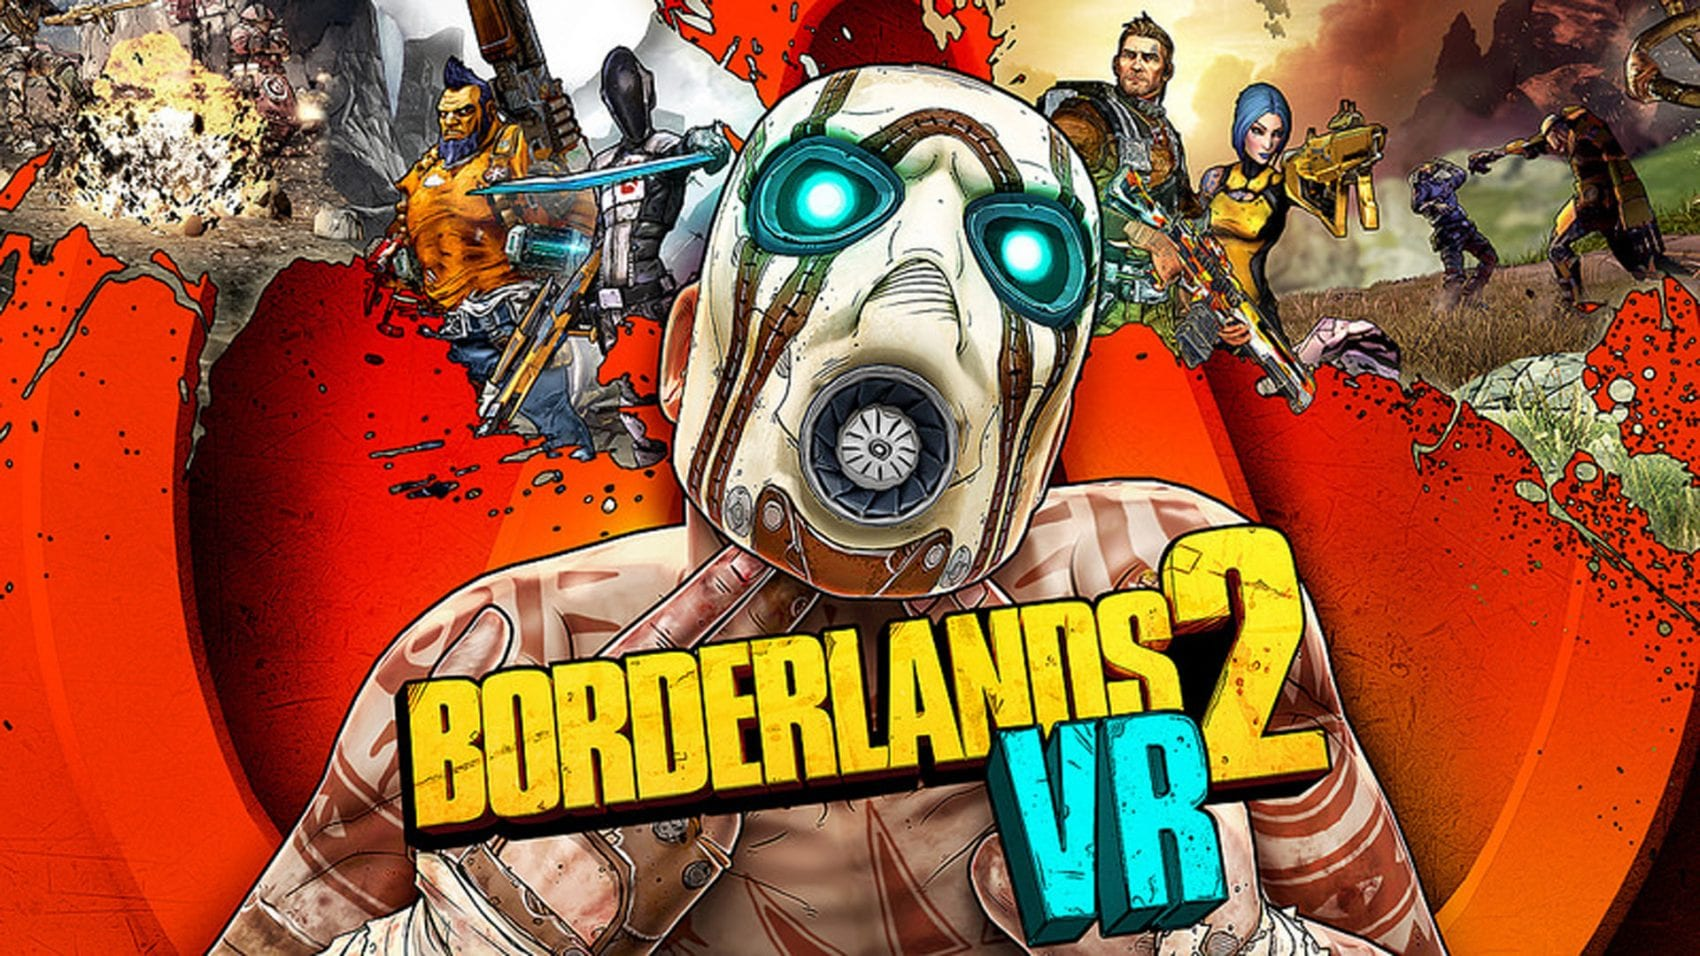 TEST – Borderlands 2 VR